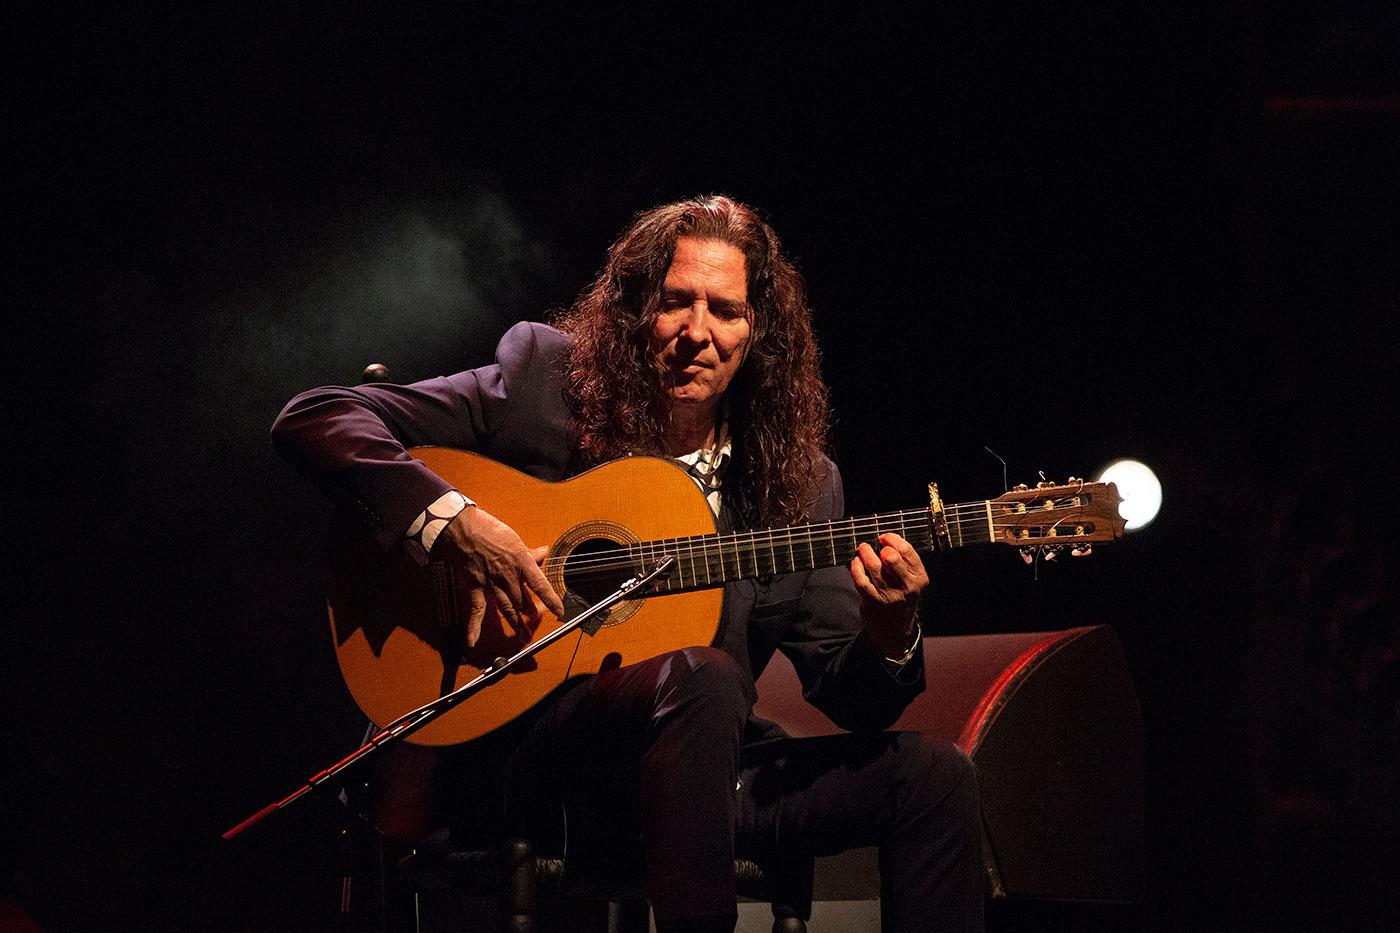 La brillante y luminosa guitarra de Tomatito en Nimes